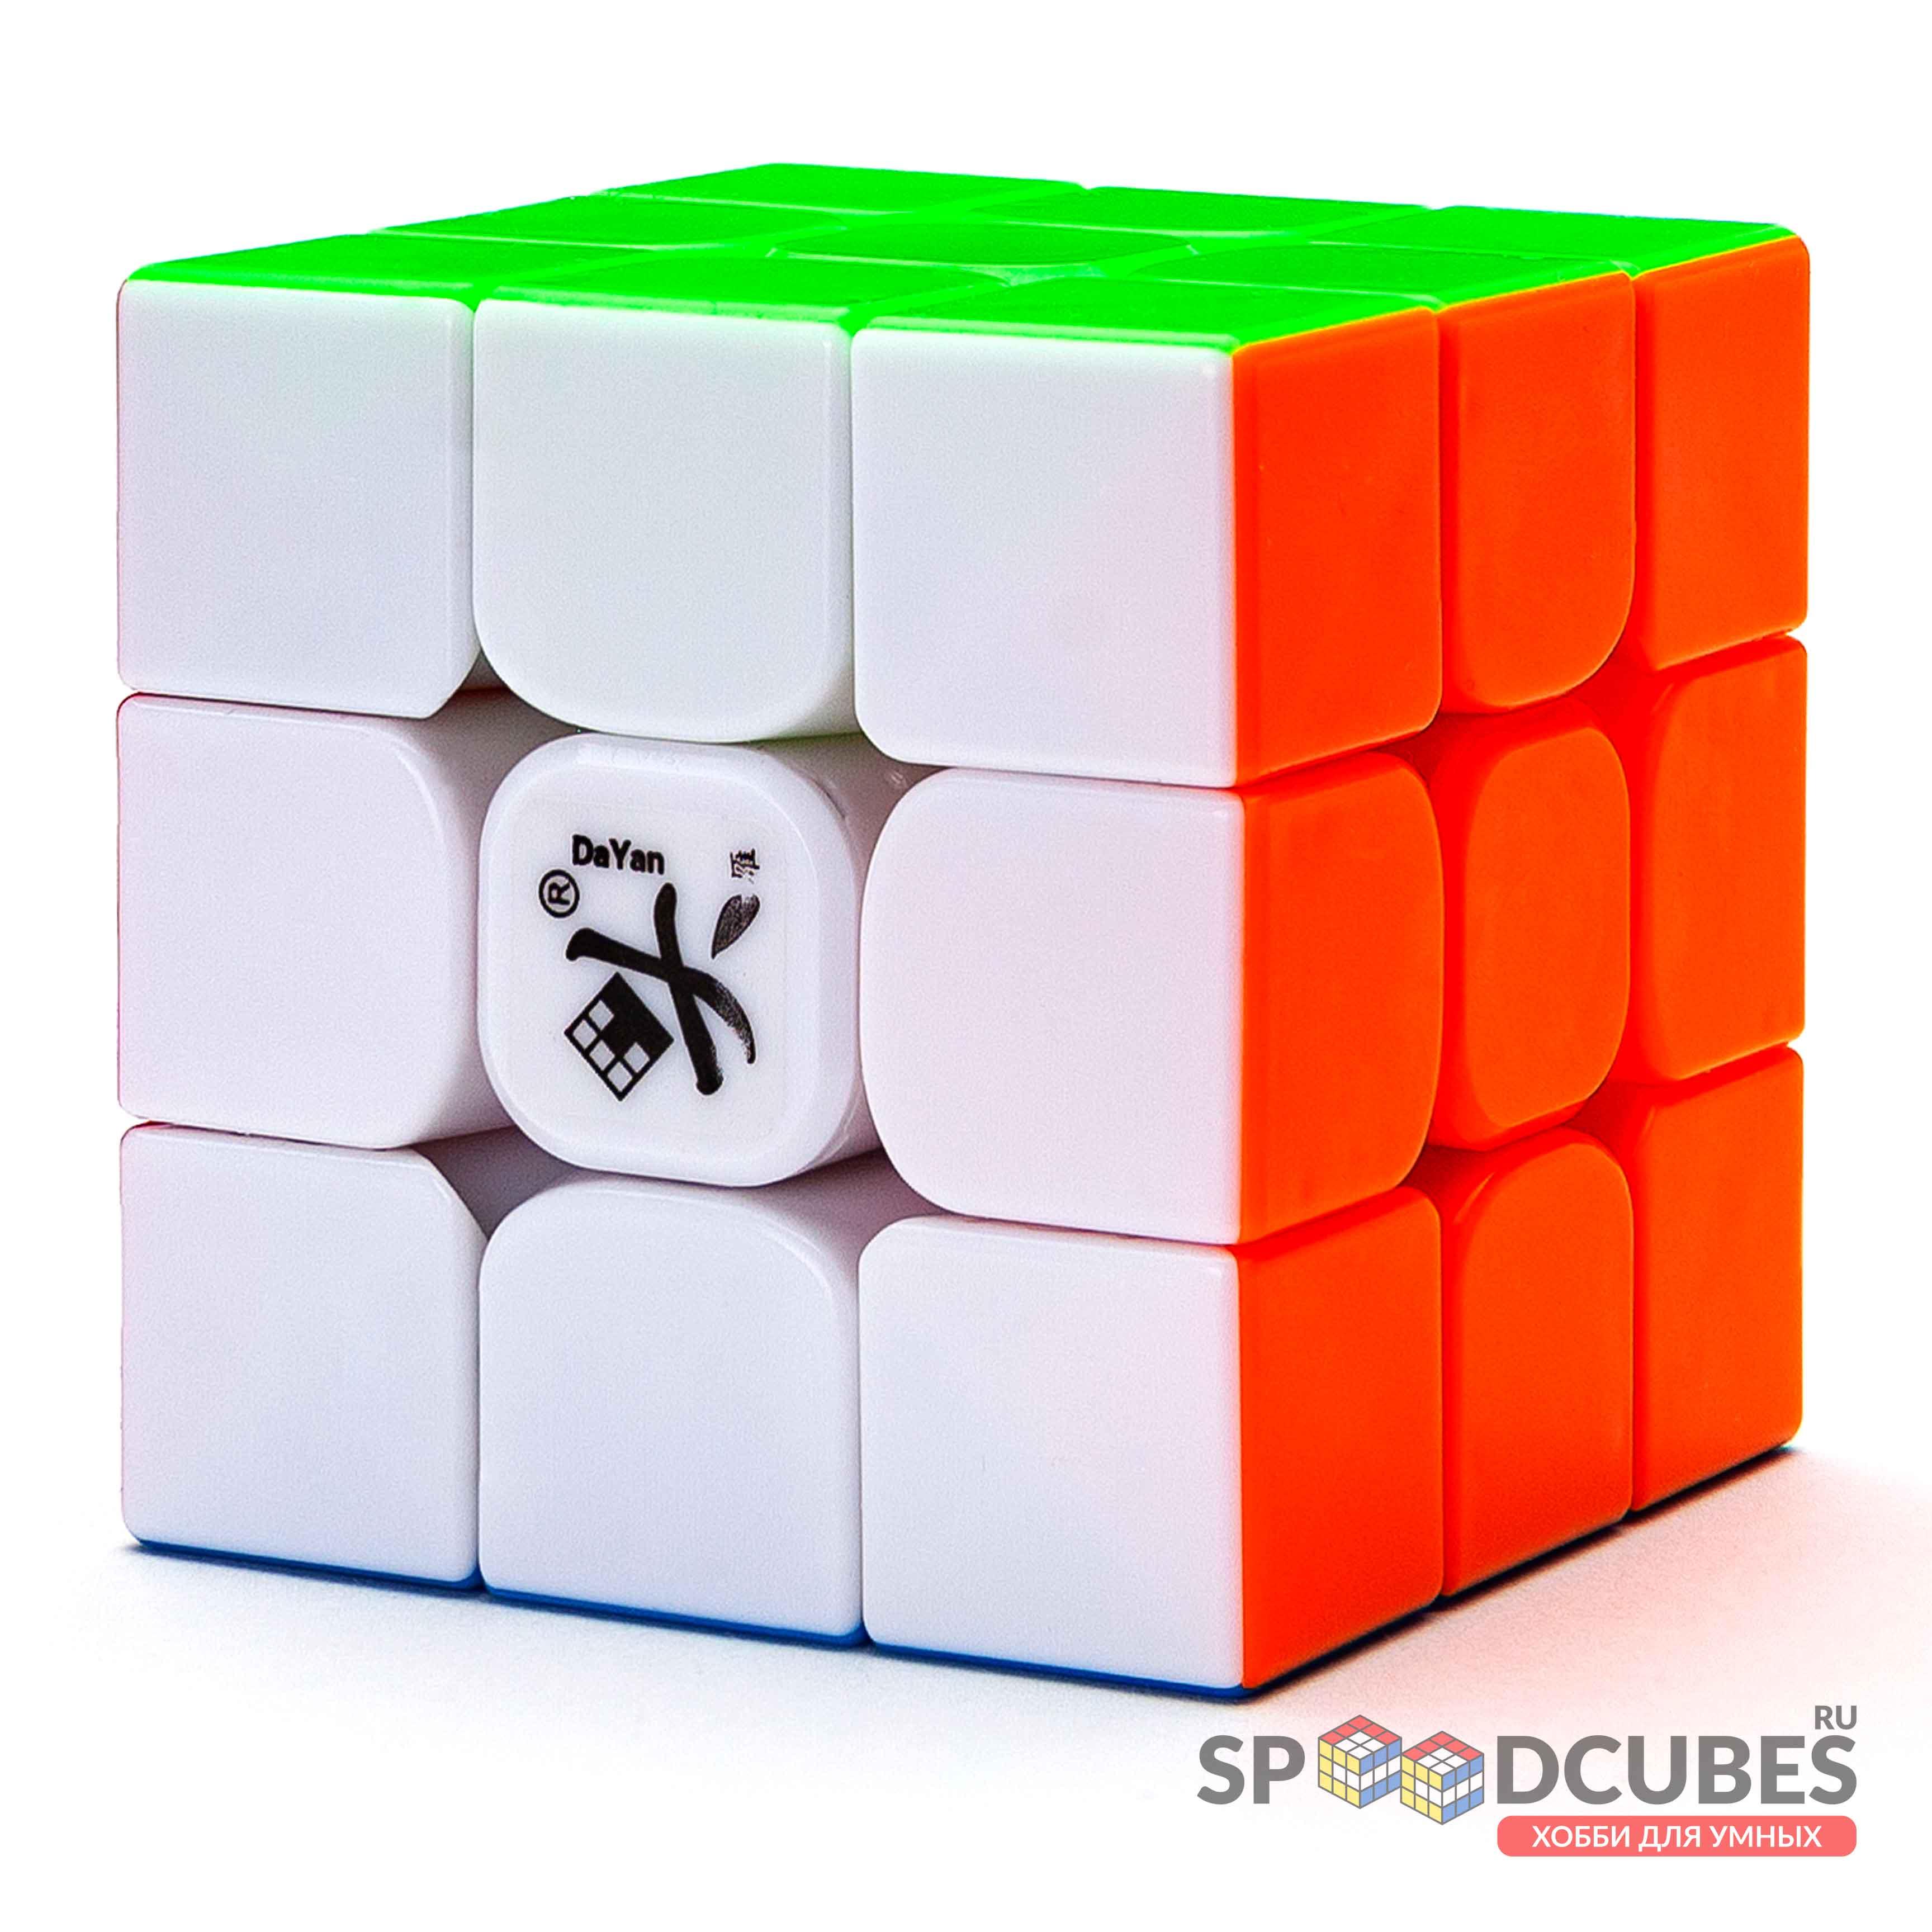 DaYan 3x3 GuHong 3M